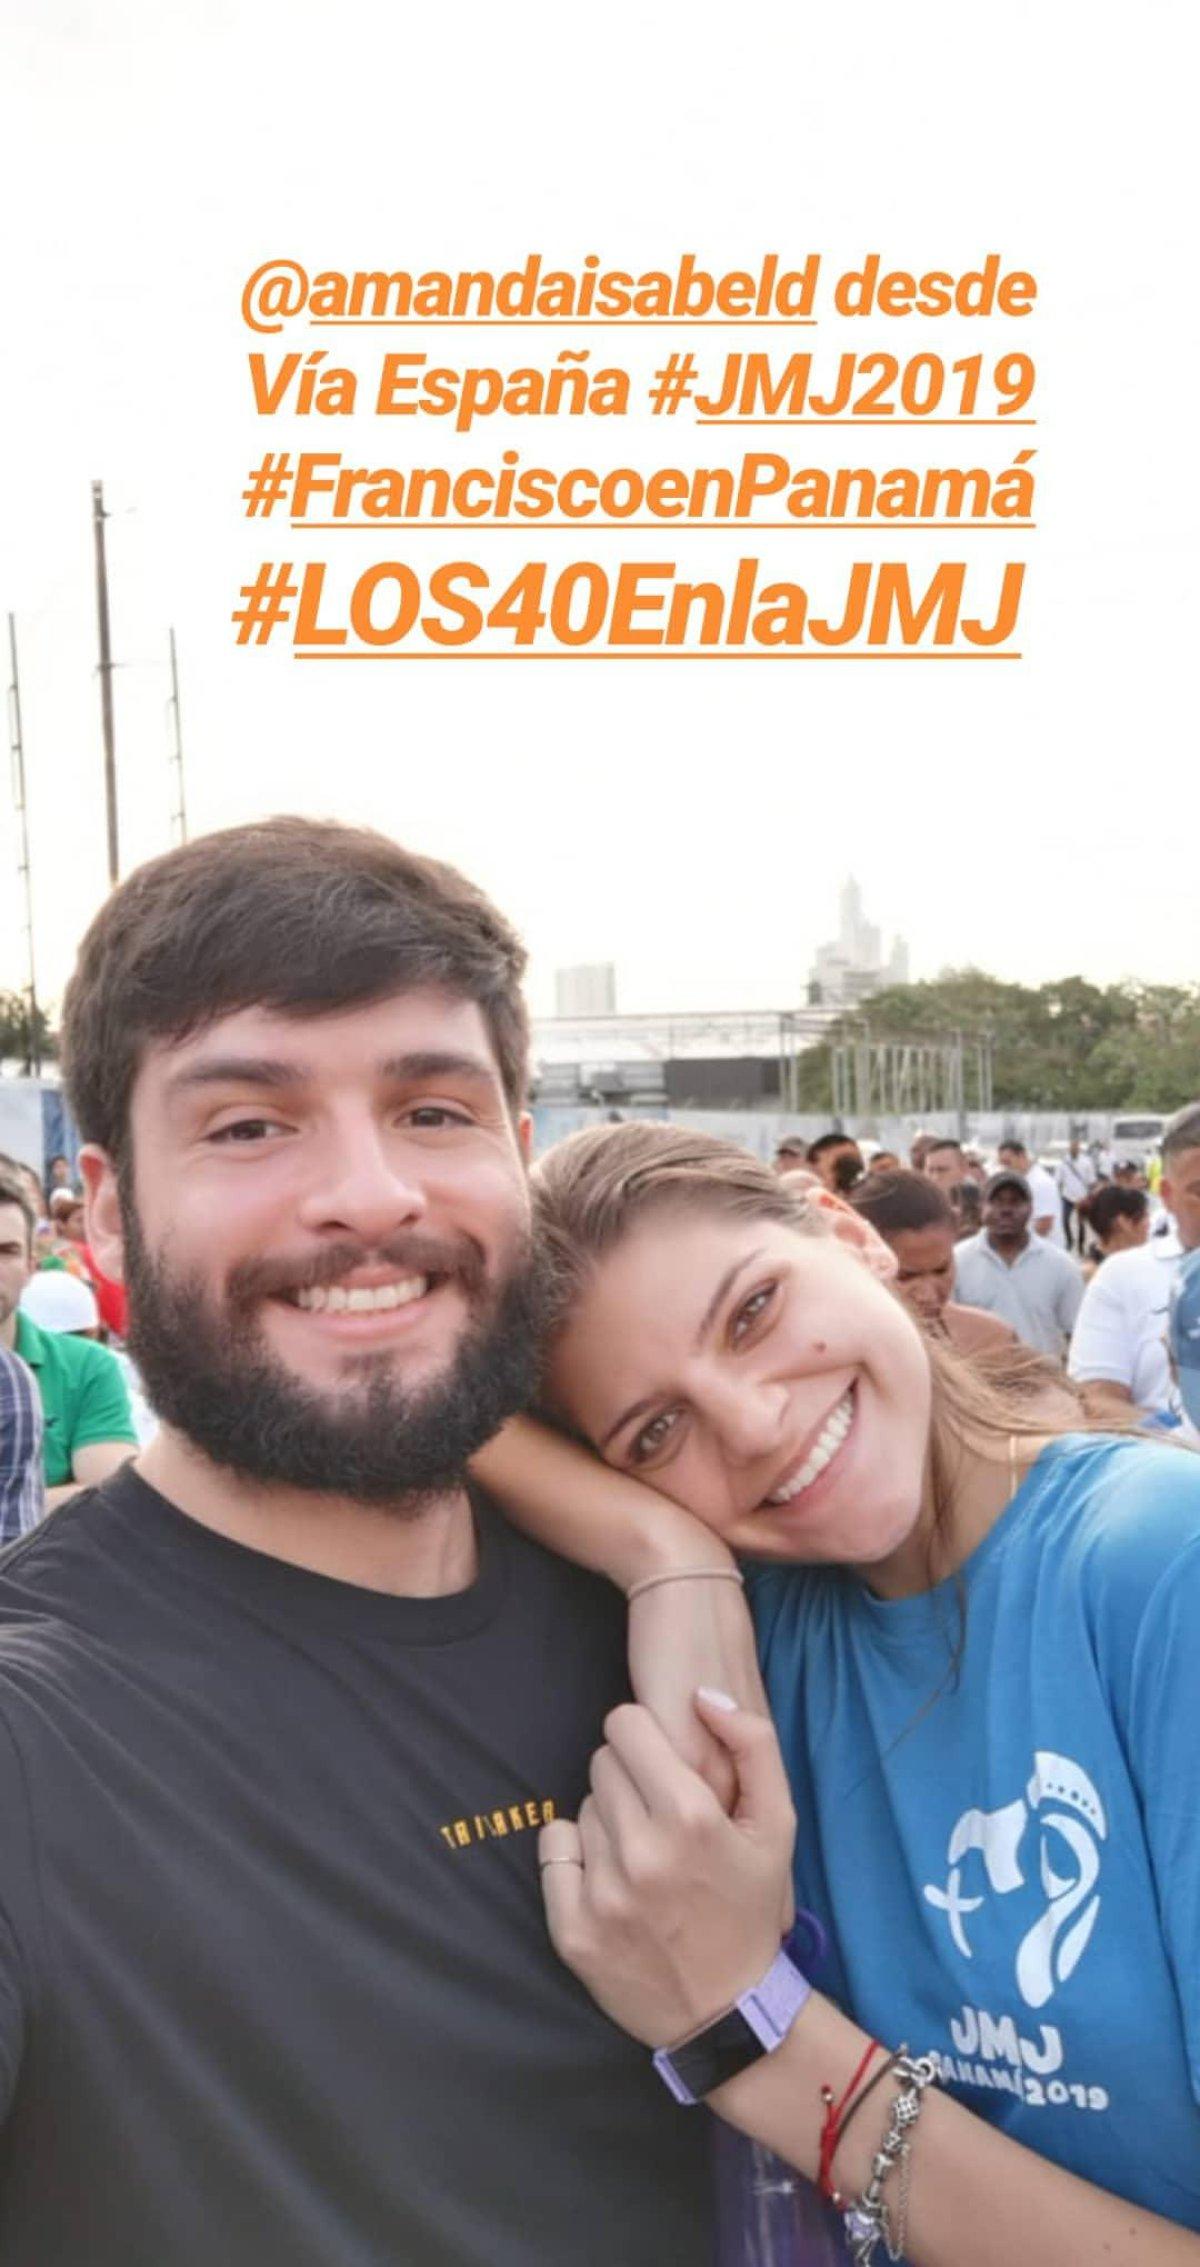 JMJ 2019